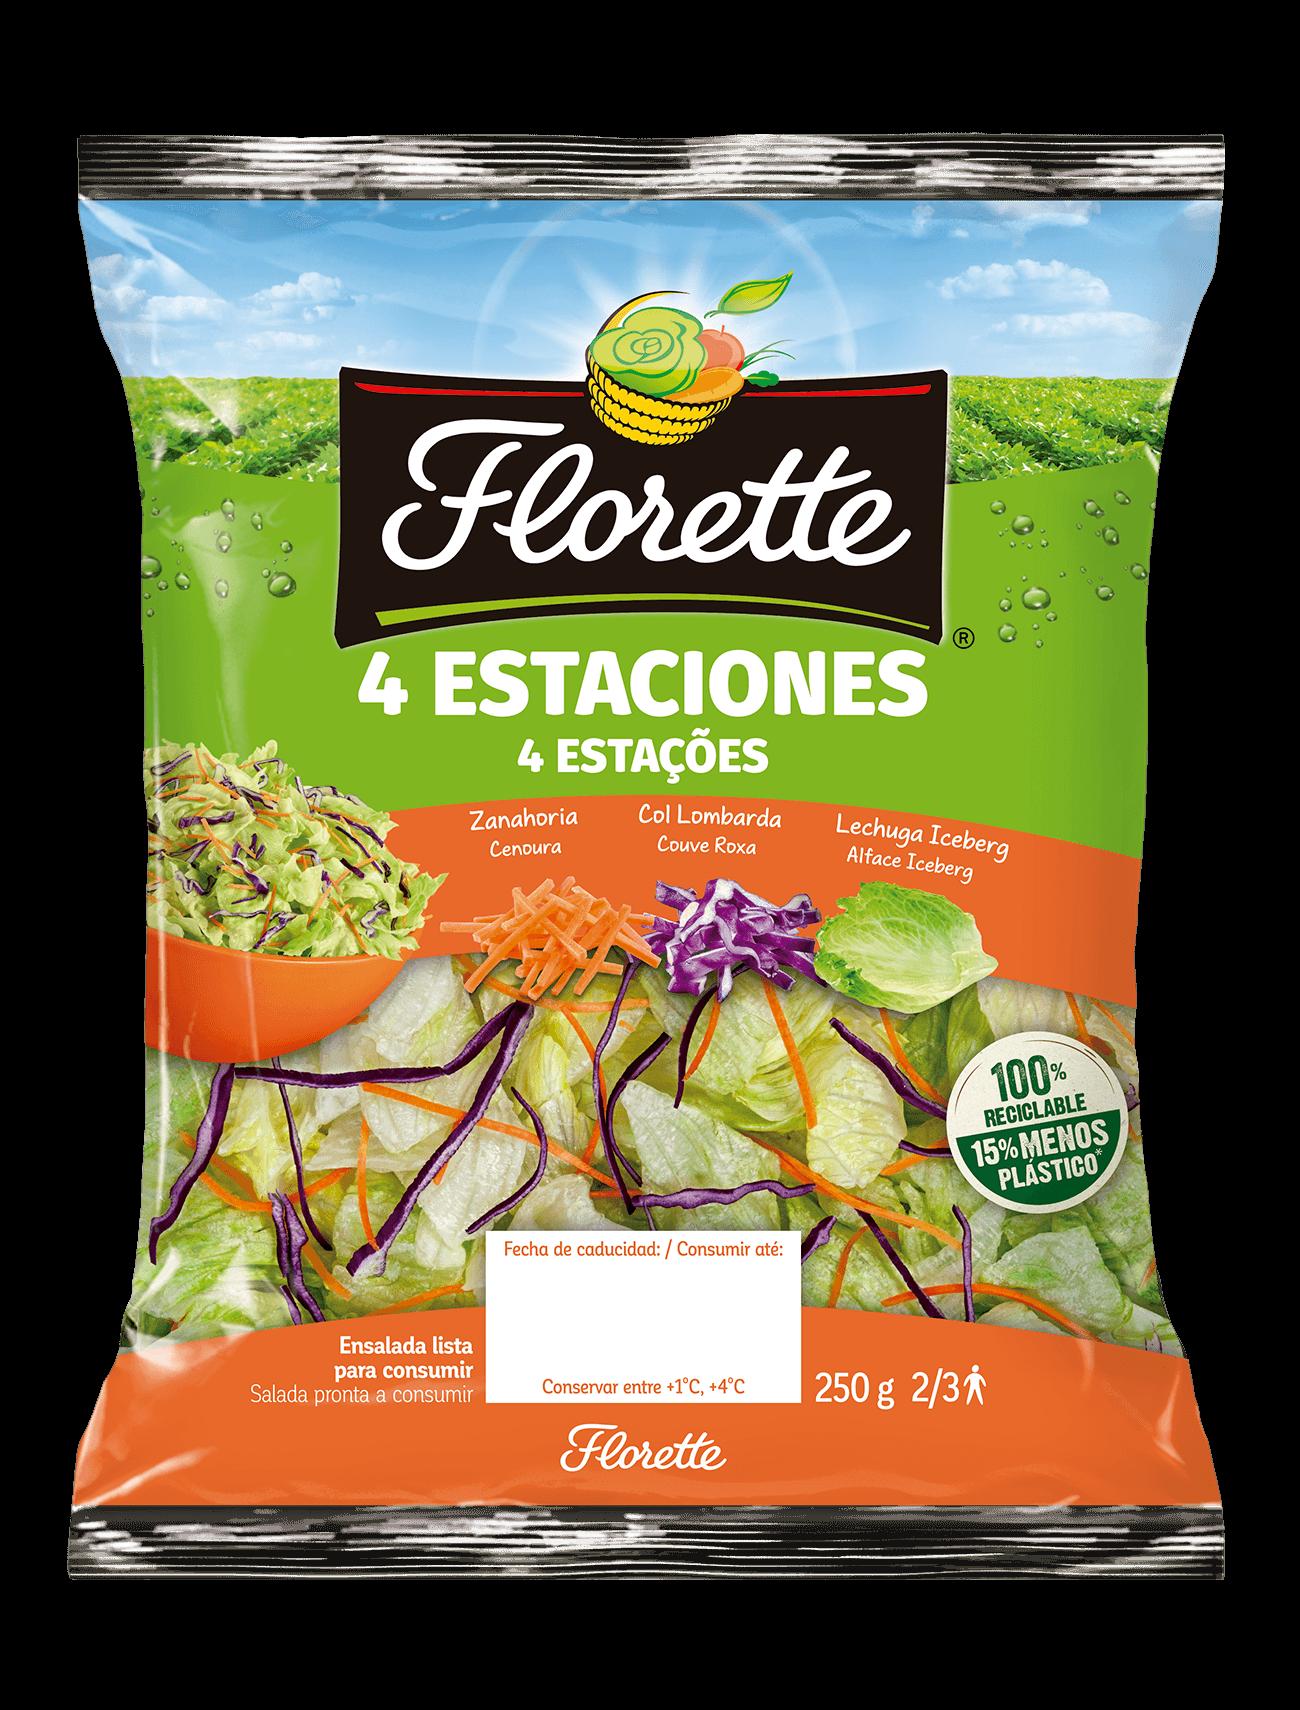 Bolsa de ensalada 4 estaciones con mezcla de lechuga iceberg, zanahoria y col lombarda.